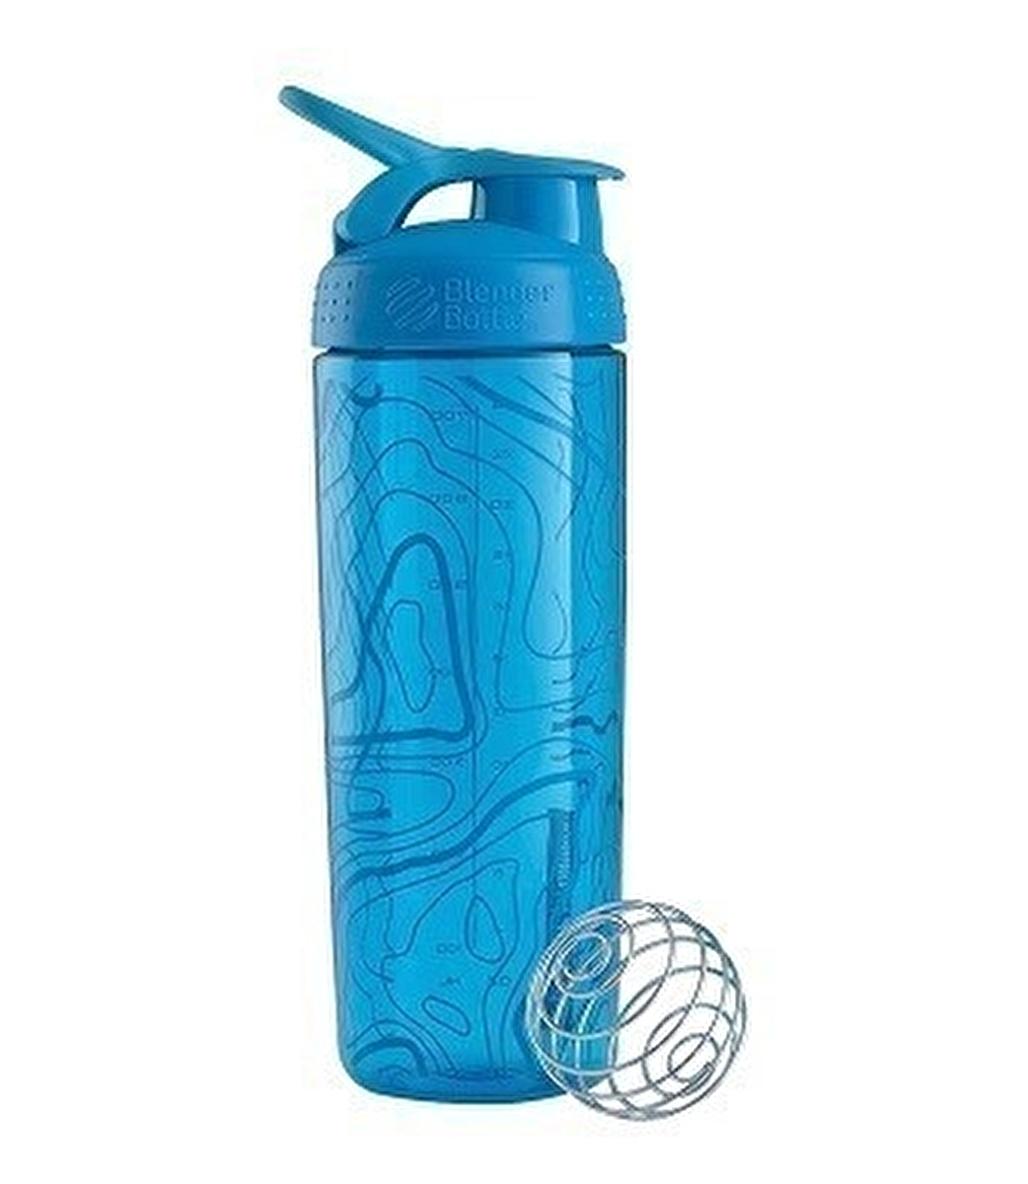 Blender Bottle Signature Sleek Mavi 700 ml